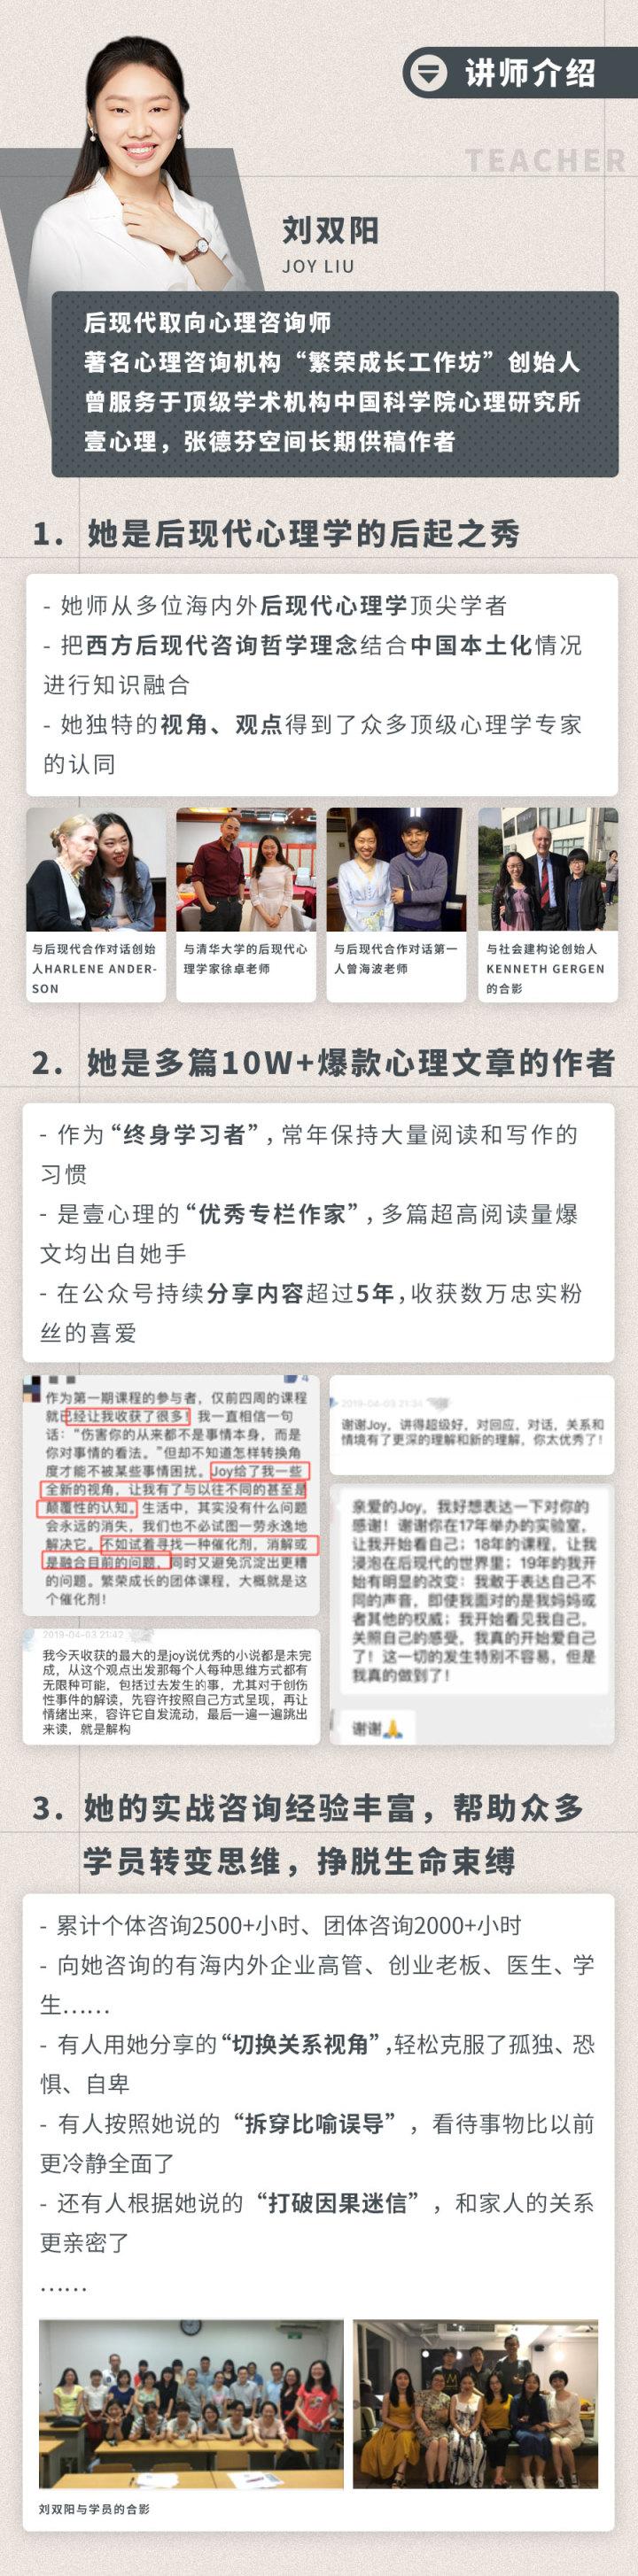 刘双阳课详情页-前言+讲师介绍-20190521_02.jpg